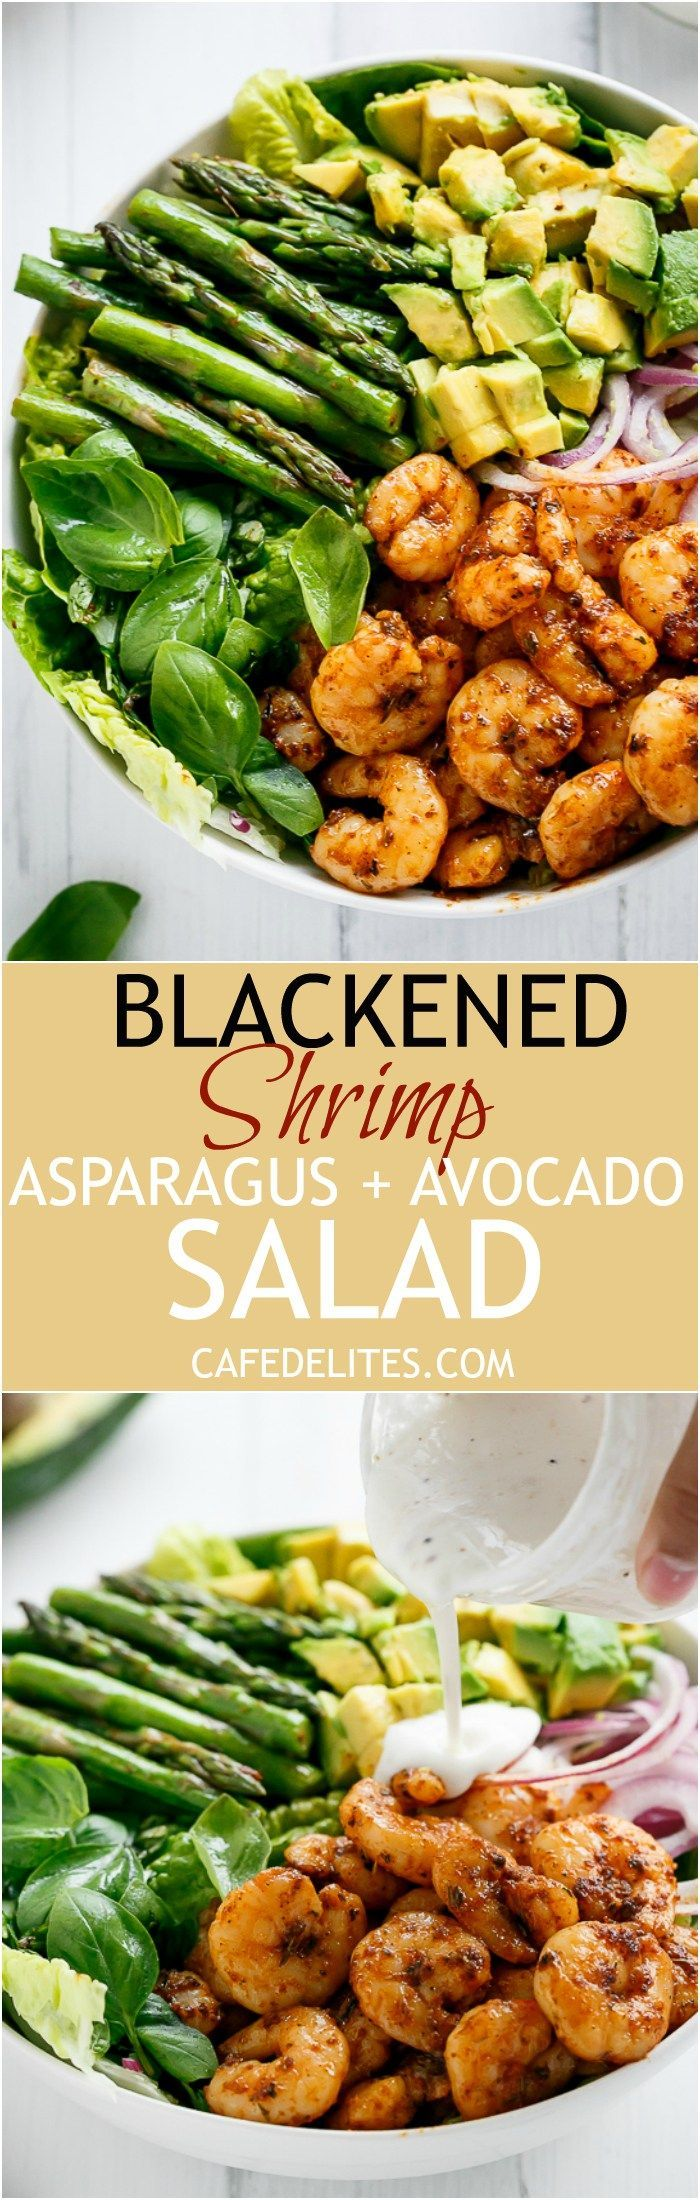 Blackened Shrimp, Asparagus and Avocado Salad with Lemon Pepper Yogurt Dressing